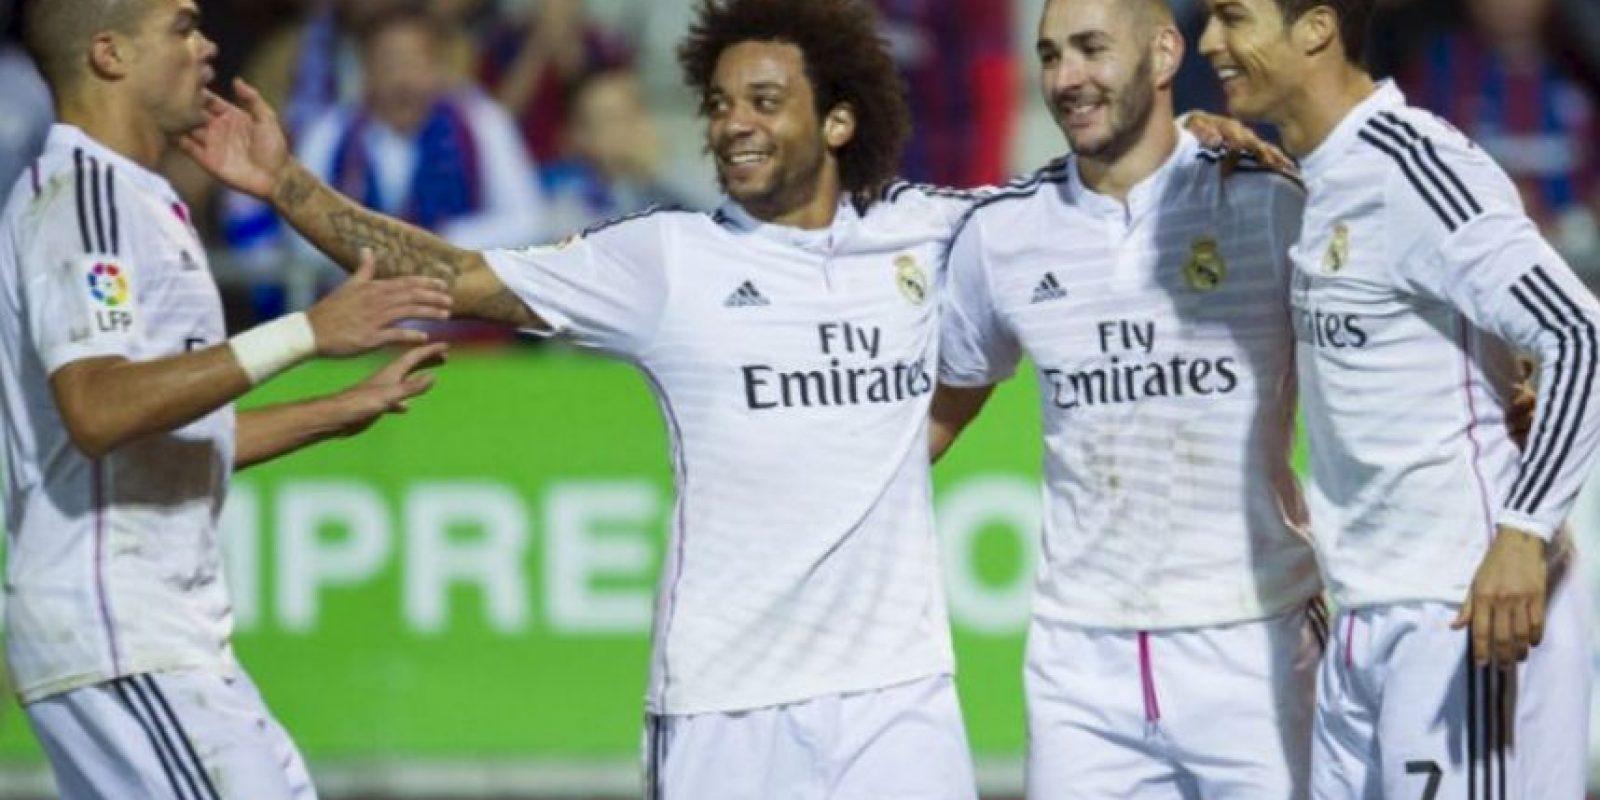 Estos son los equipos que participarán en el Mundial: Real Madrid Foto:Getty